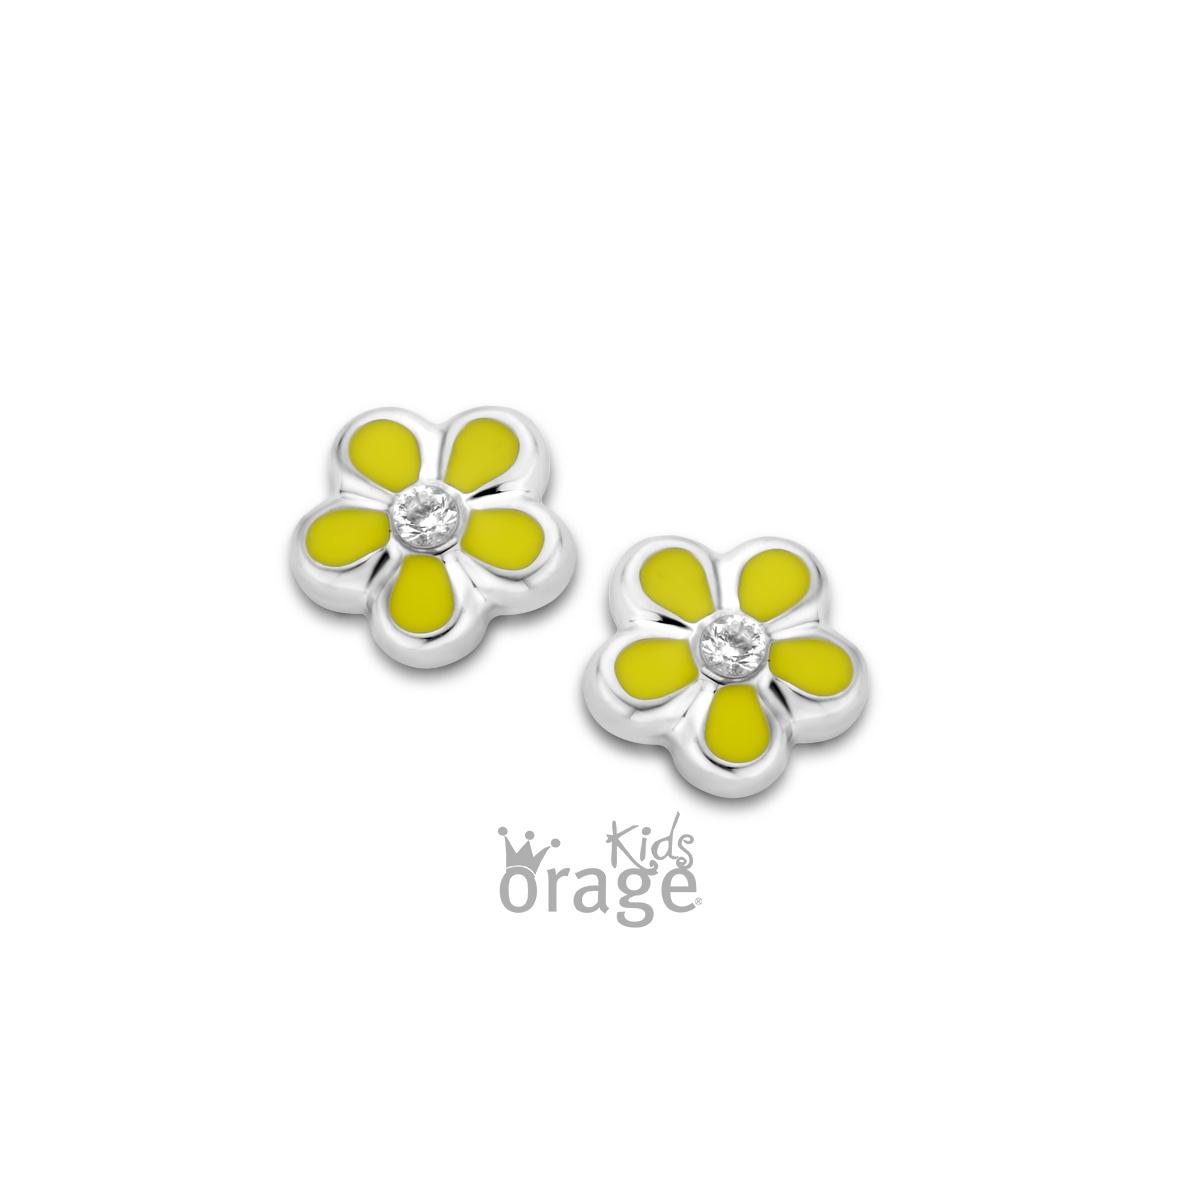 Orage kids Oorringen bloem geel